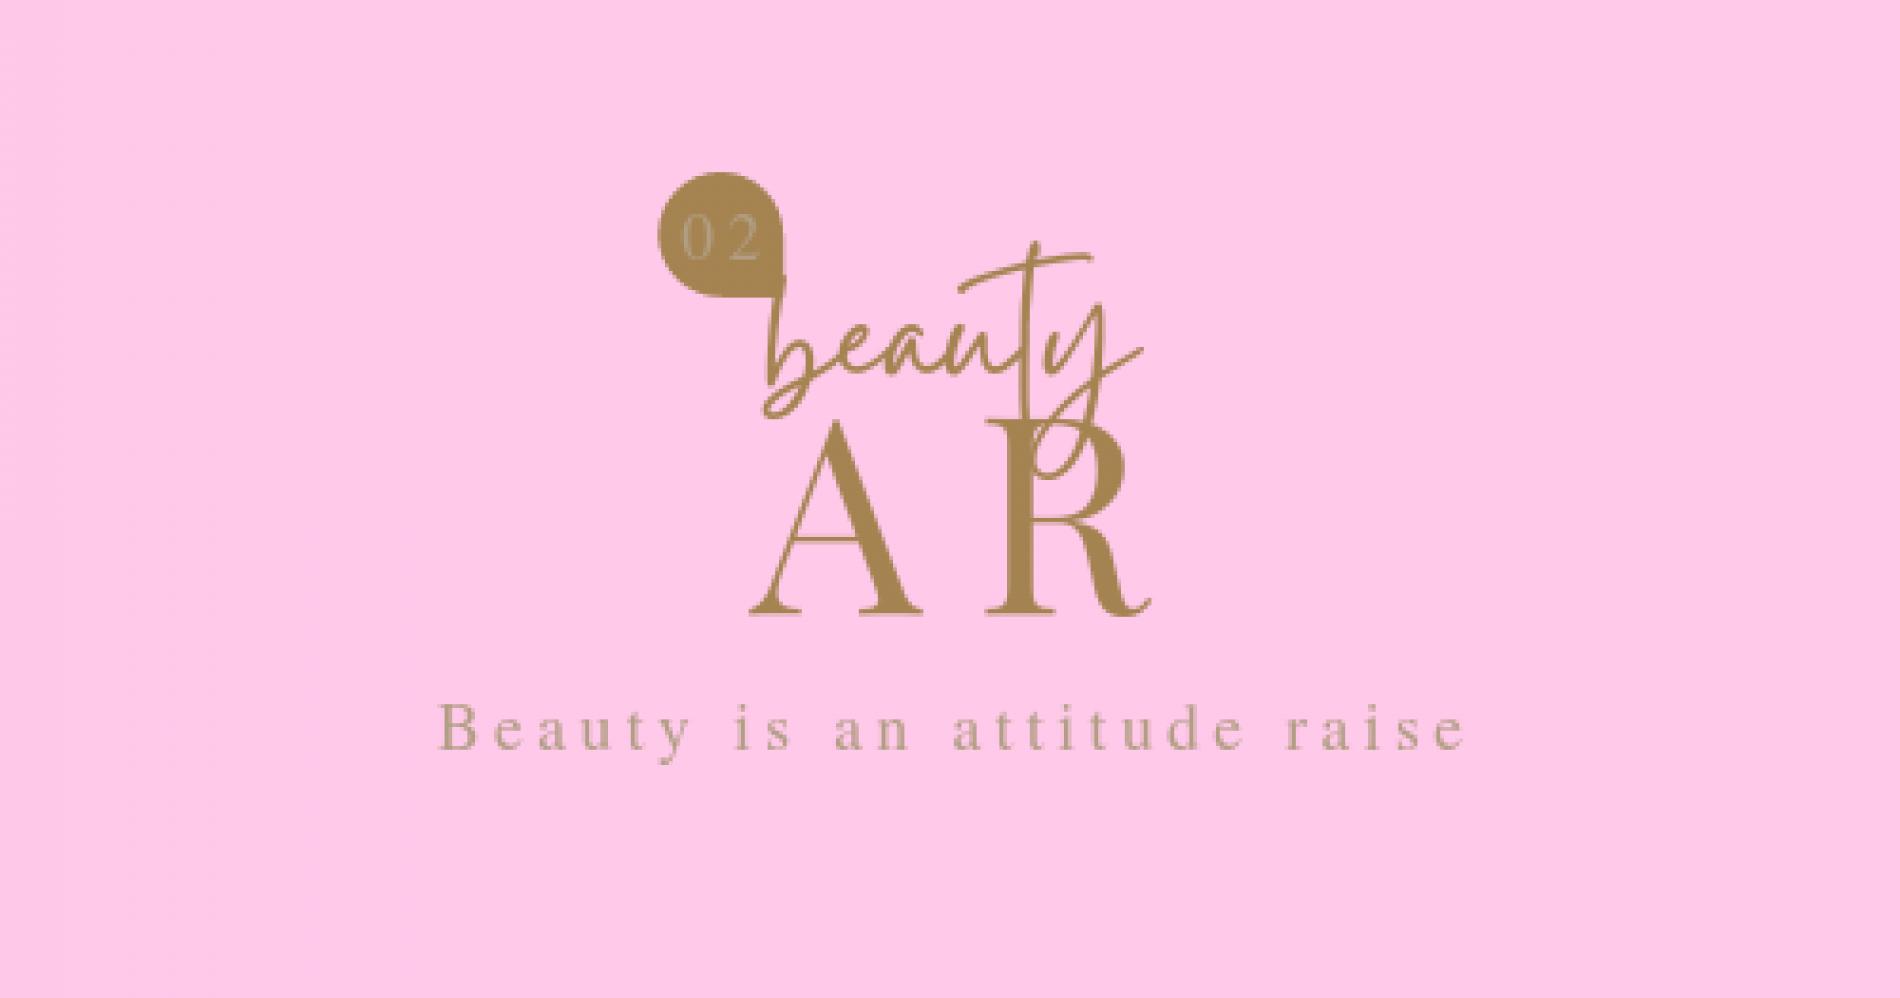 Ar-Beauty